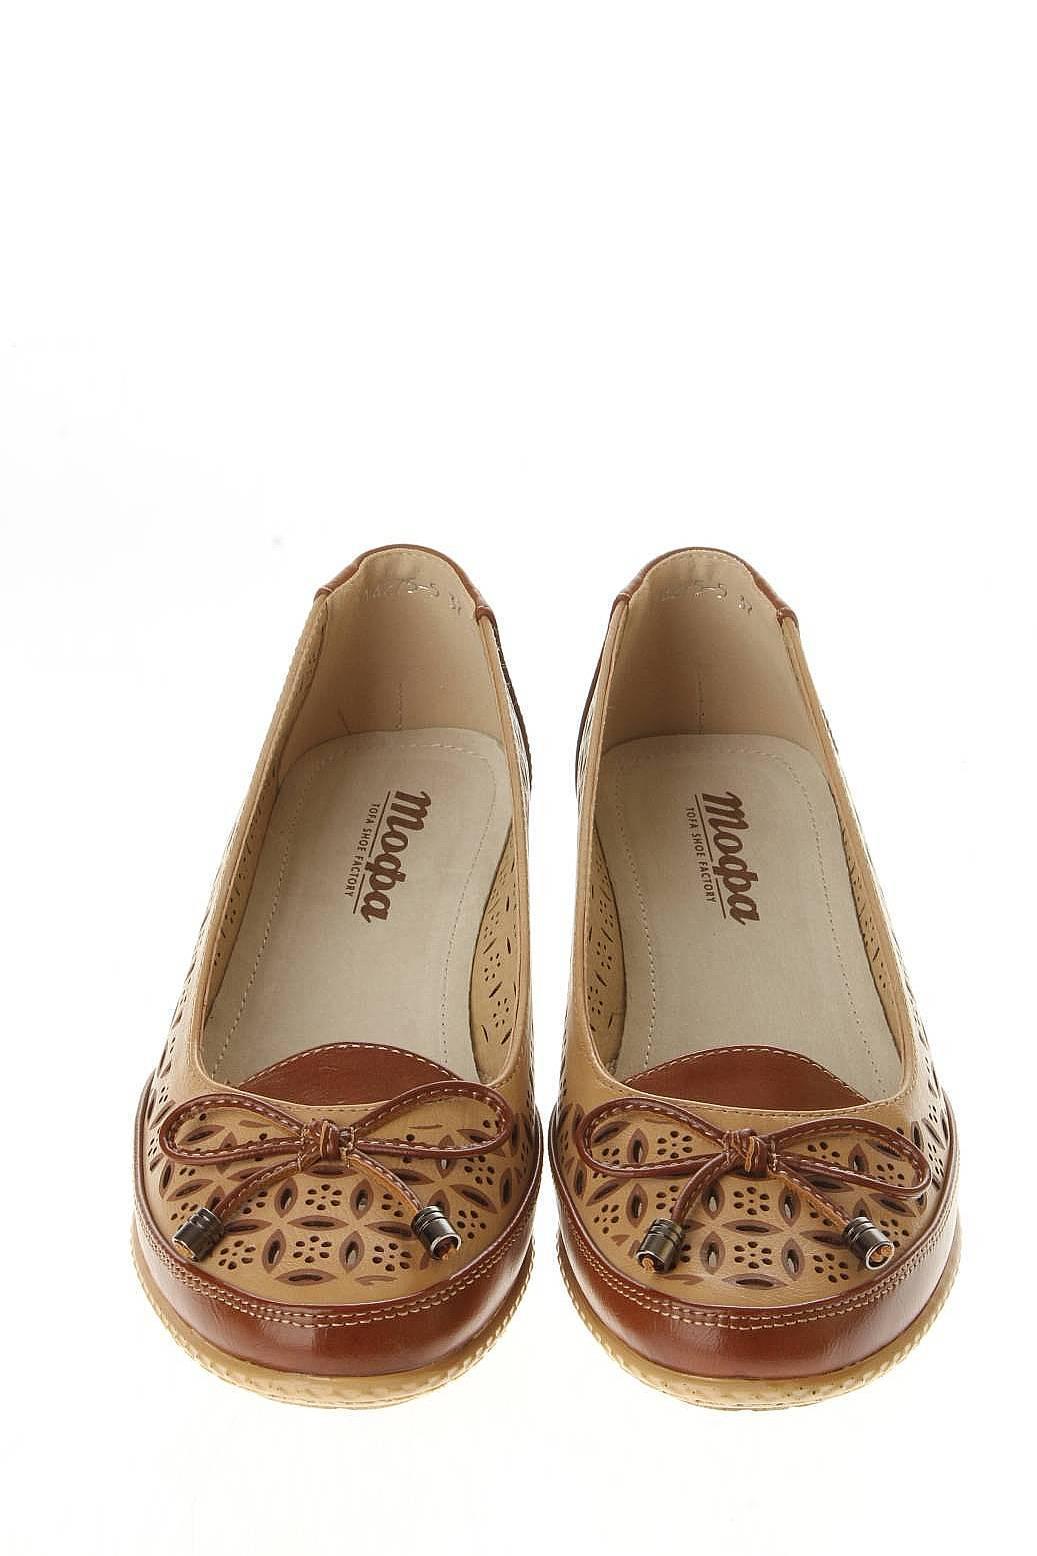 Мужская Обувь Детская Обувь Женская Обувь Туфли: Tofa Обувь